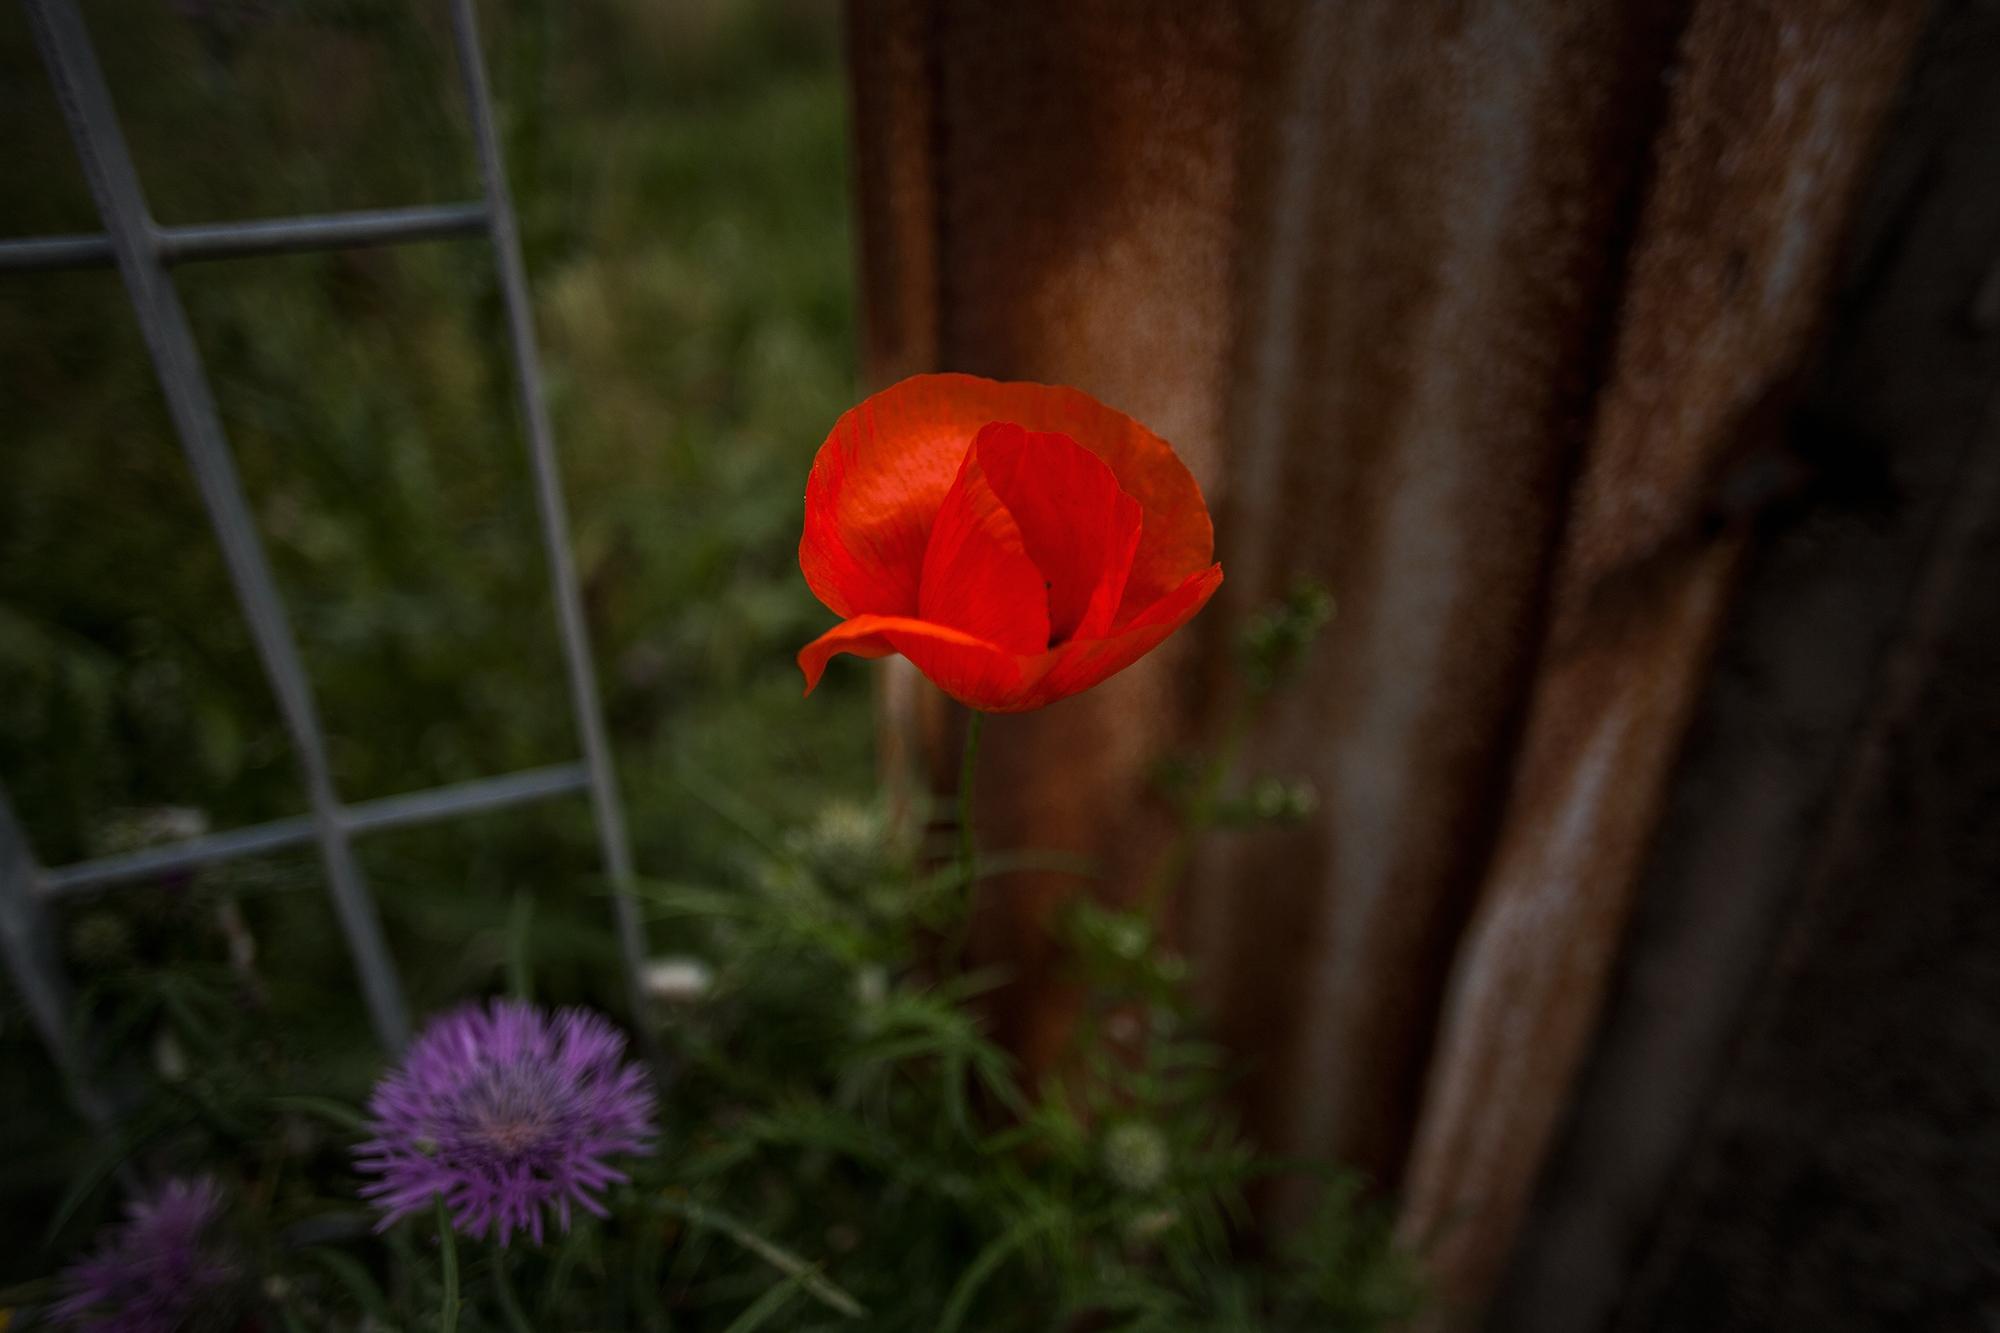 A wild poppy